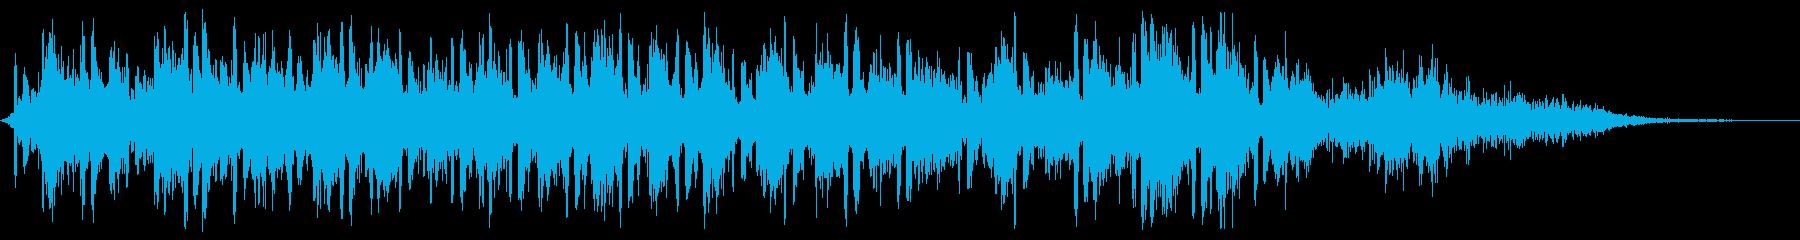 【銃声音018】マシンガンの再生済みの波形